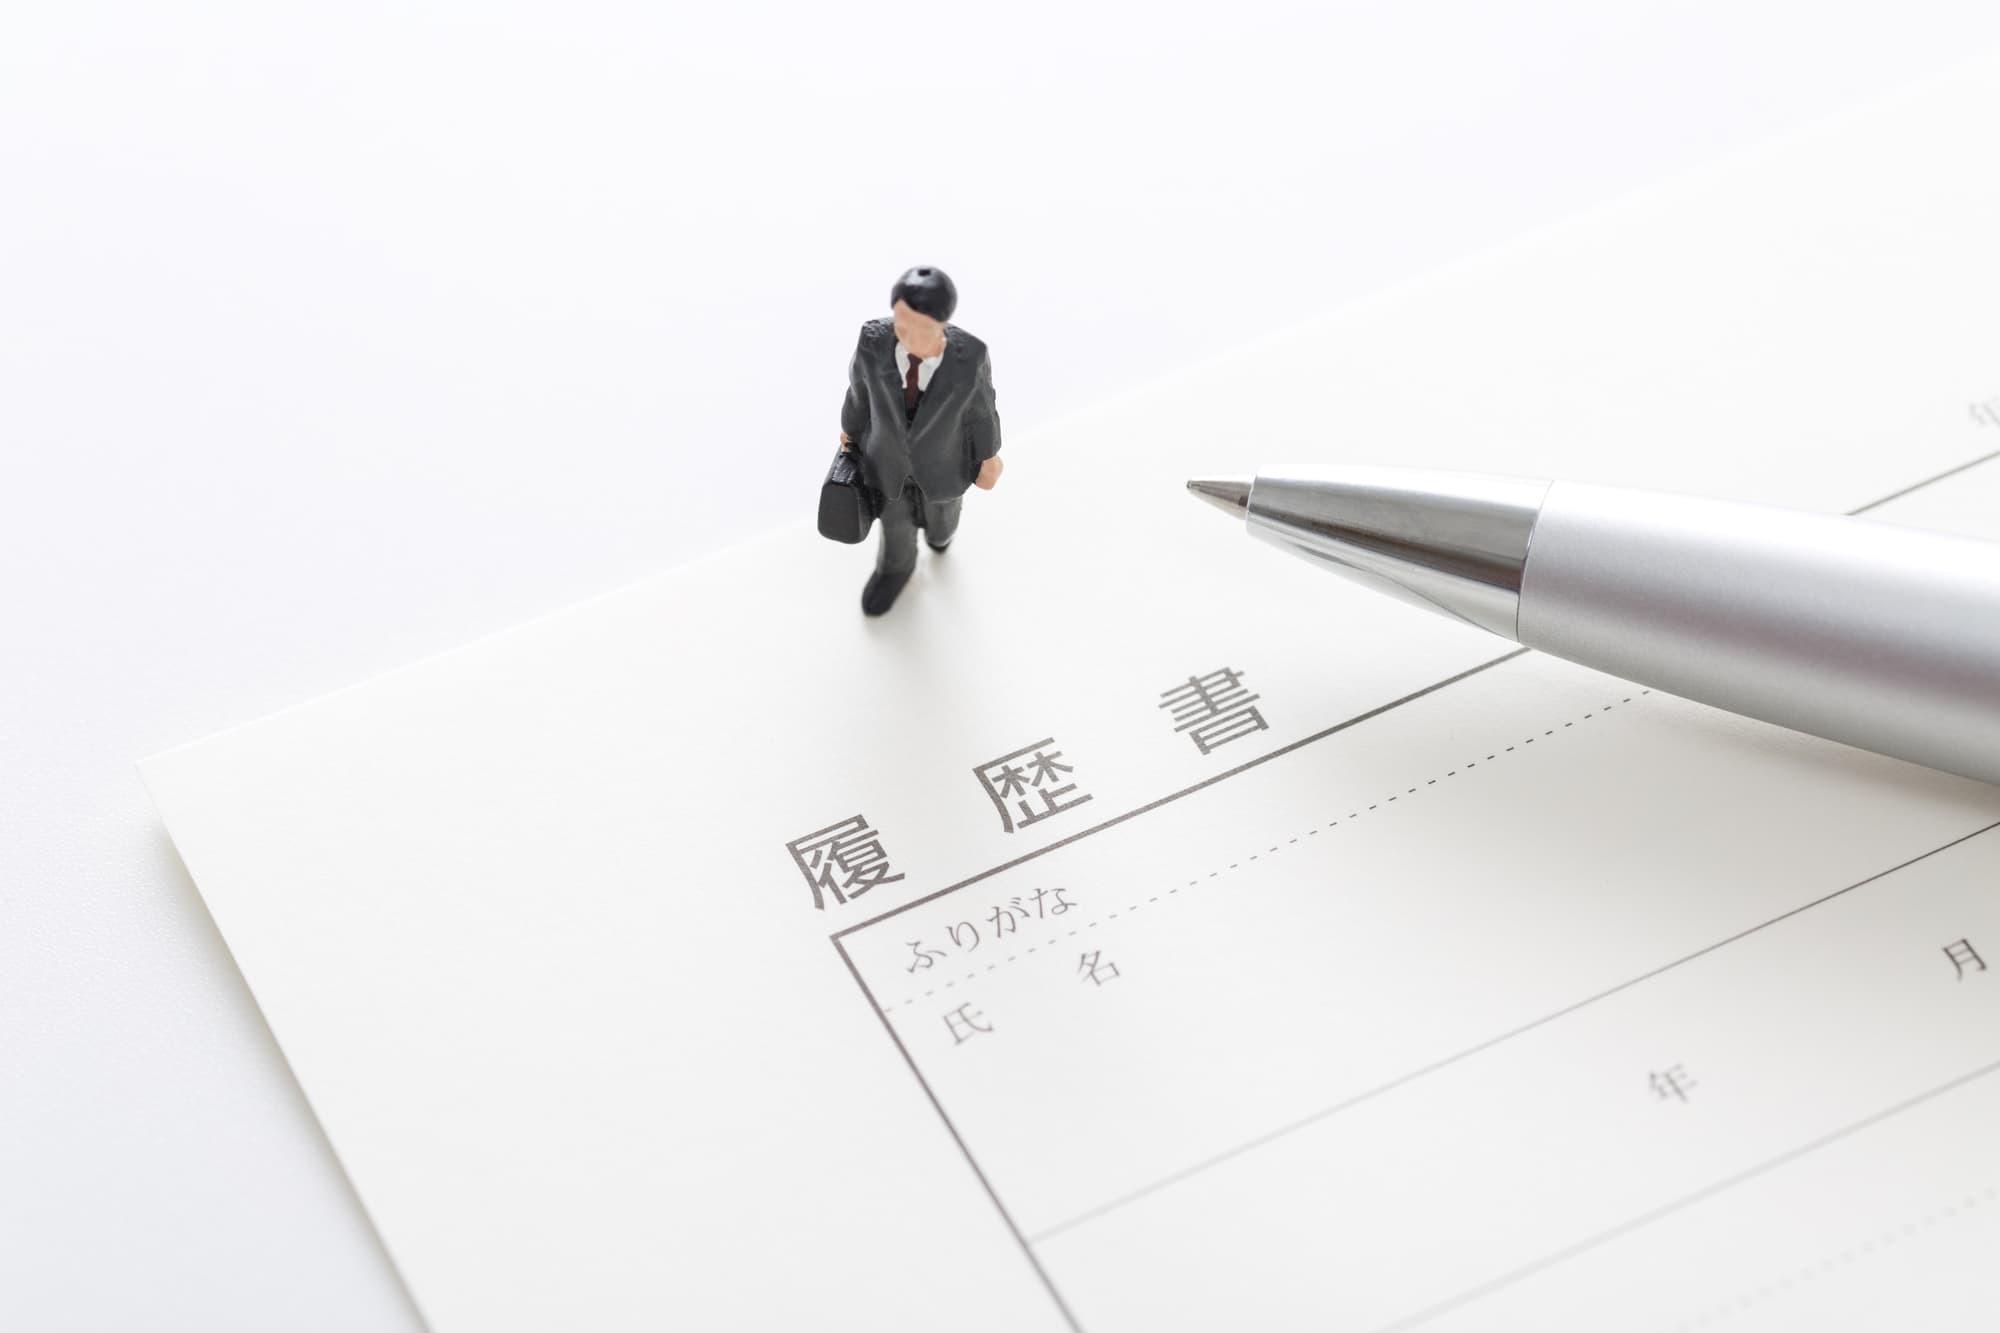 50歳からの職はできる?50歳からの転職の注意点